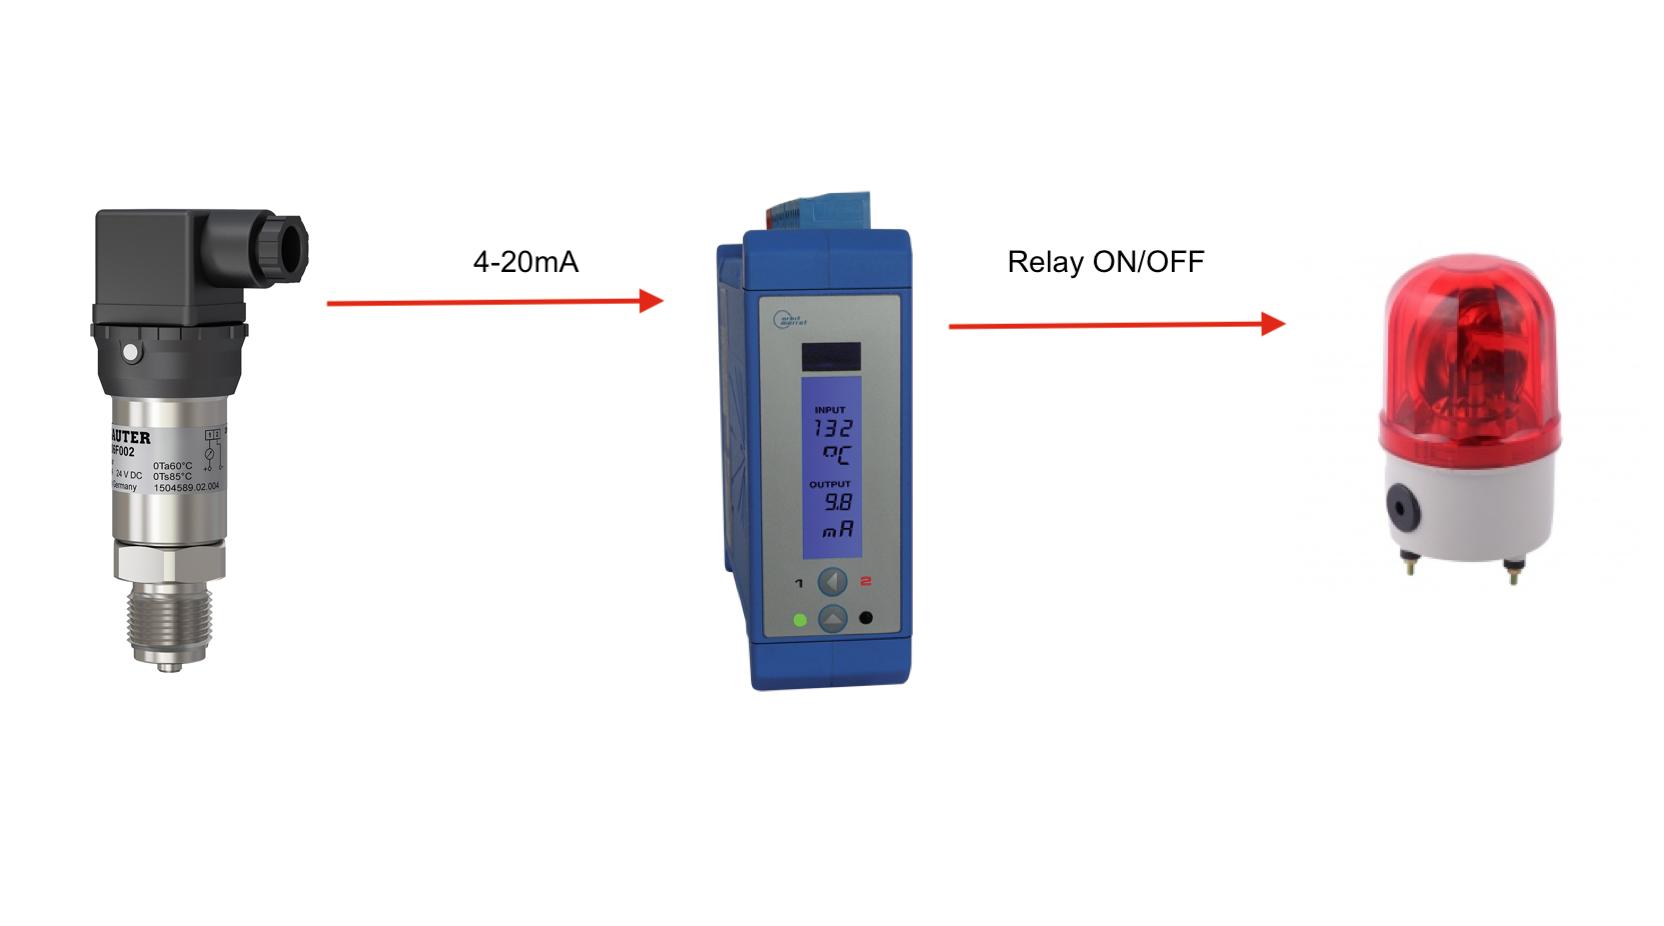 Bộ chuyển tín hiệu 4-20mA Sang Relay - OMX102UNI